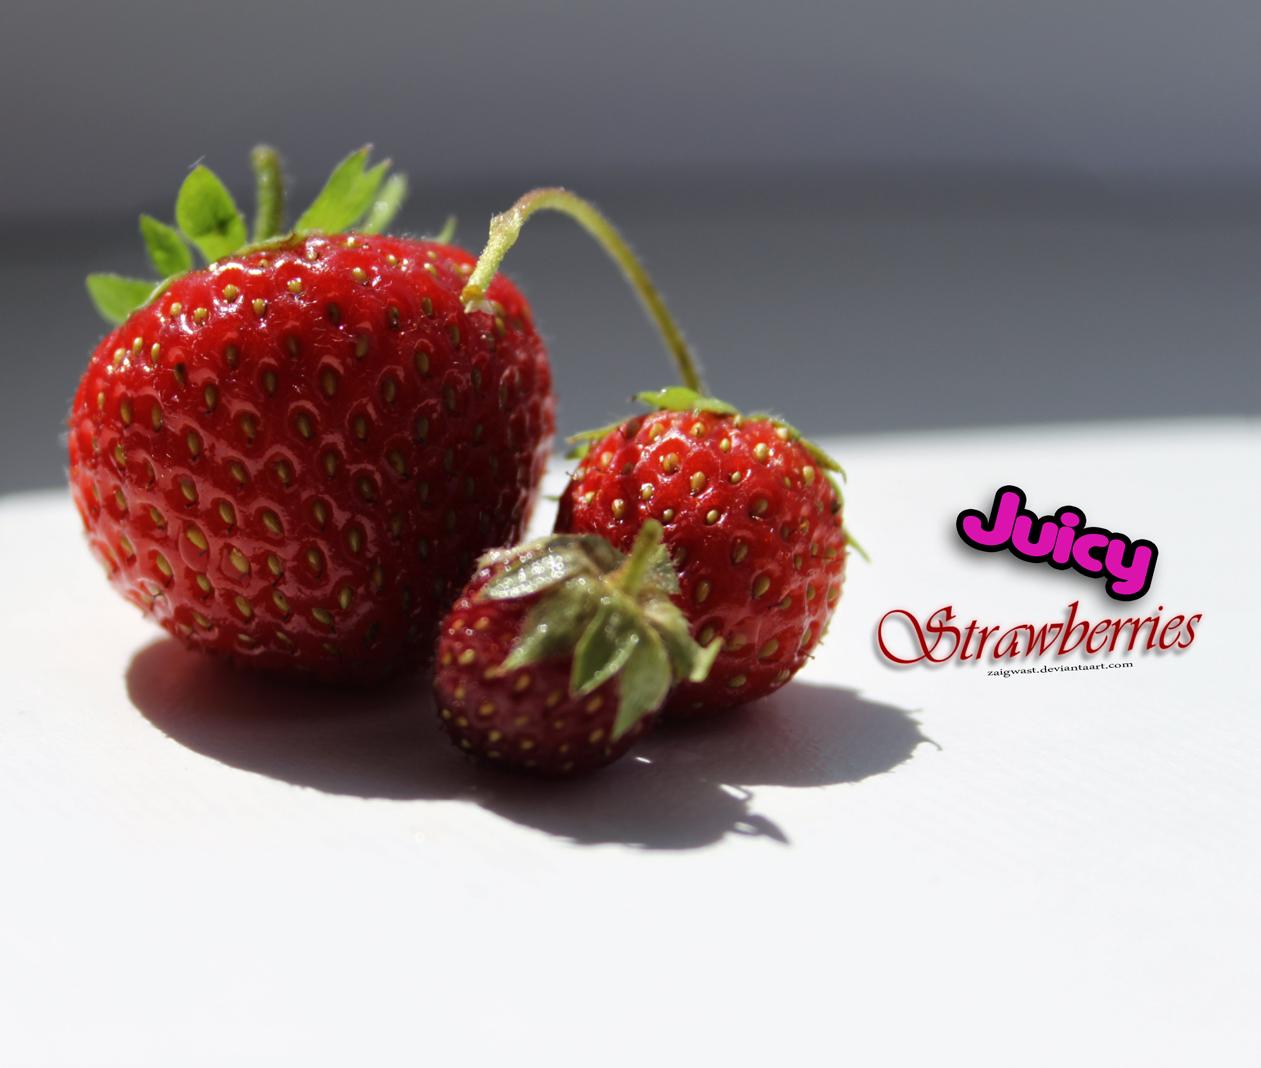 Juicy Strawberries by Zaigwast